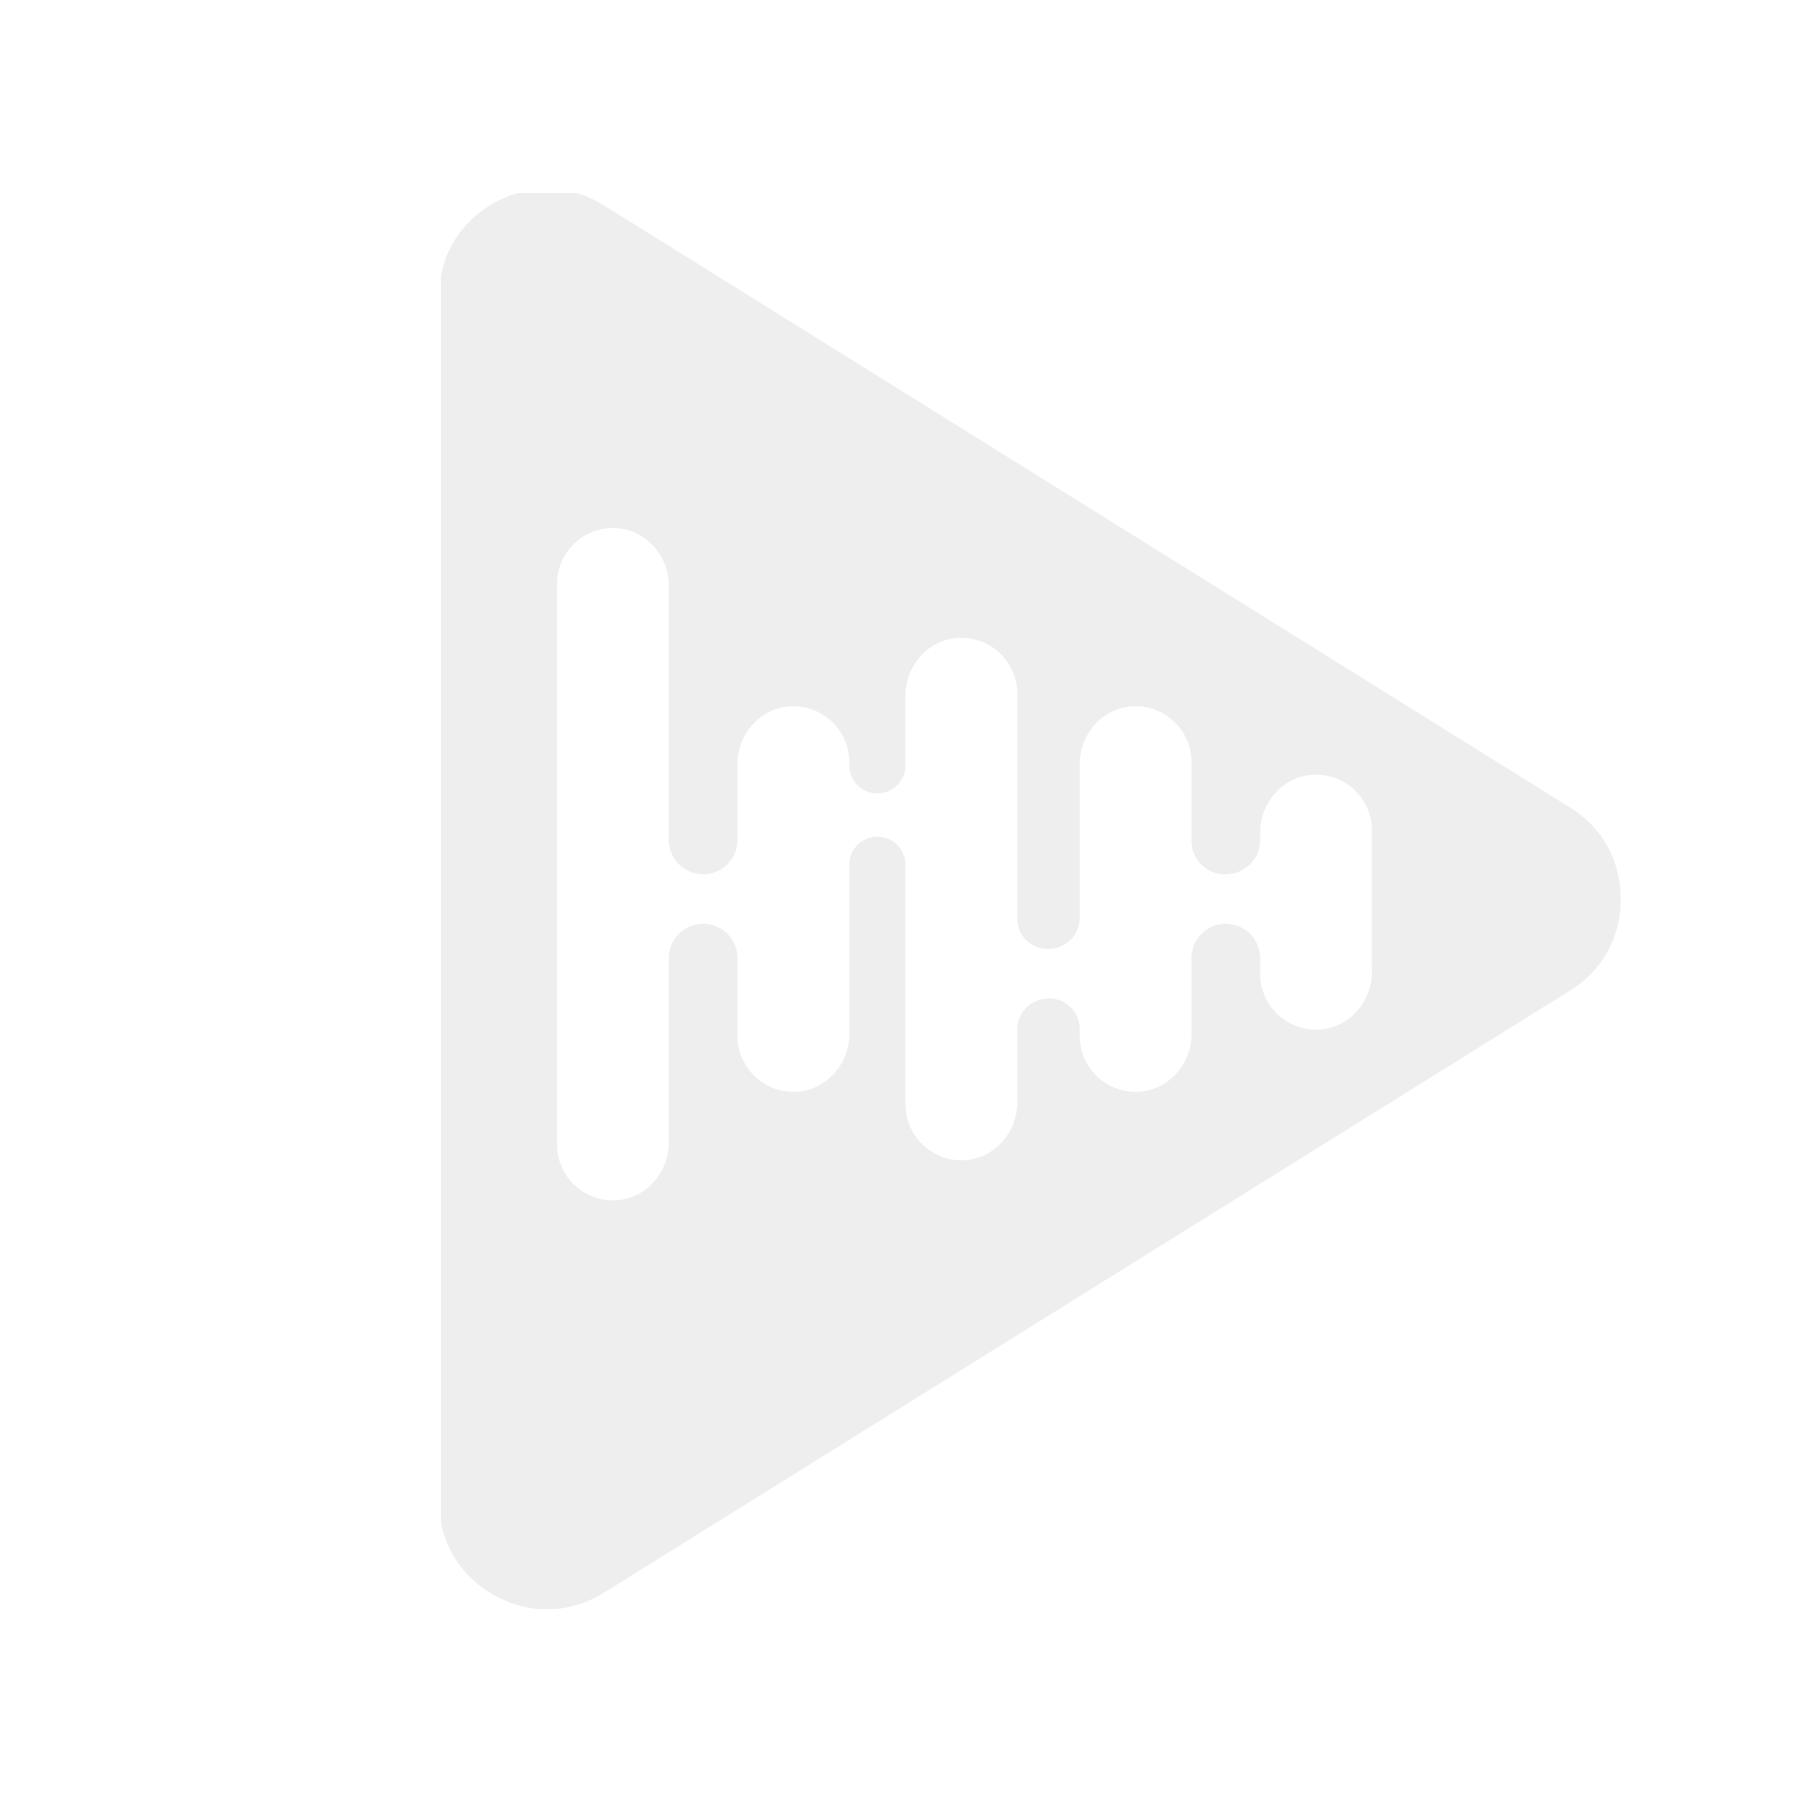 Incartec 40-1363W-100